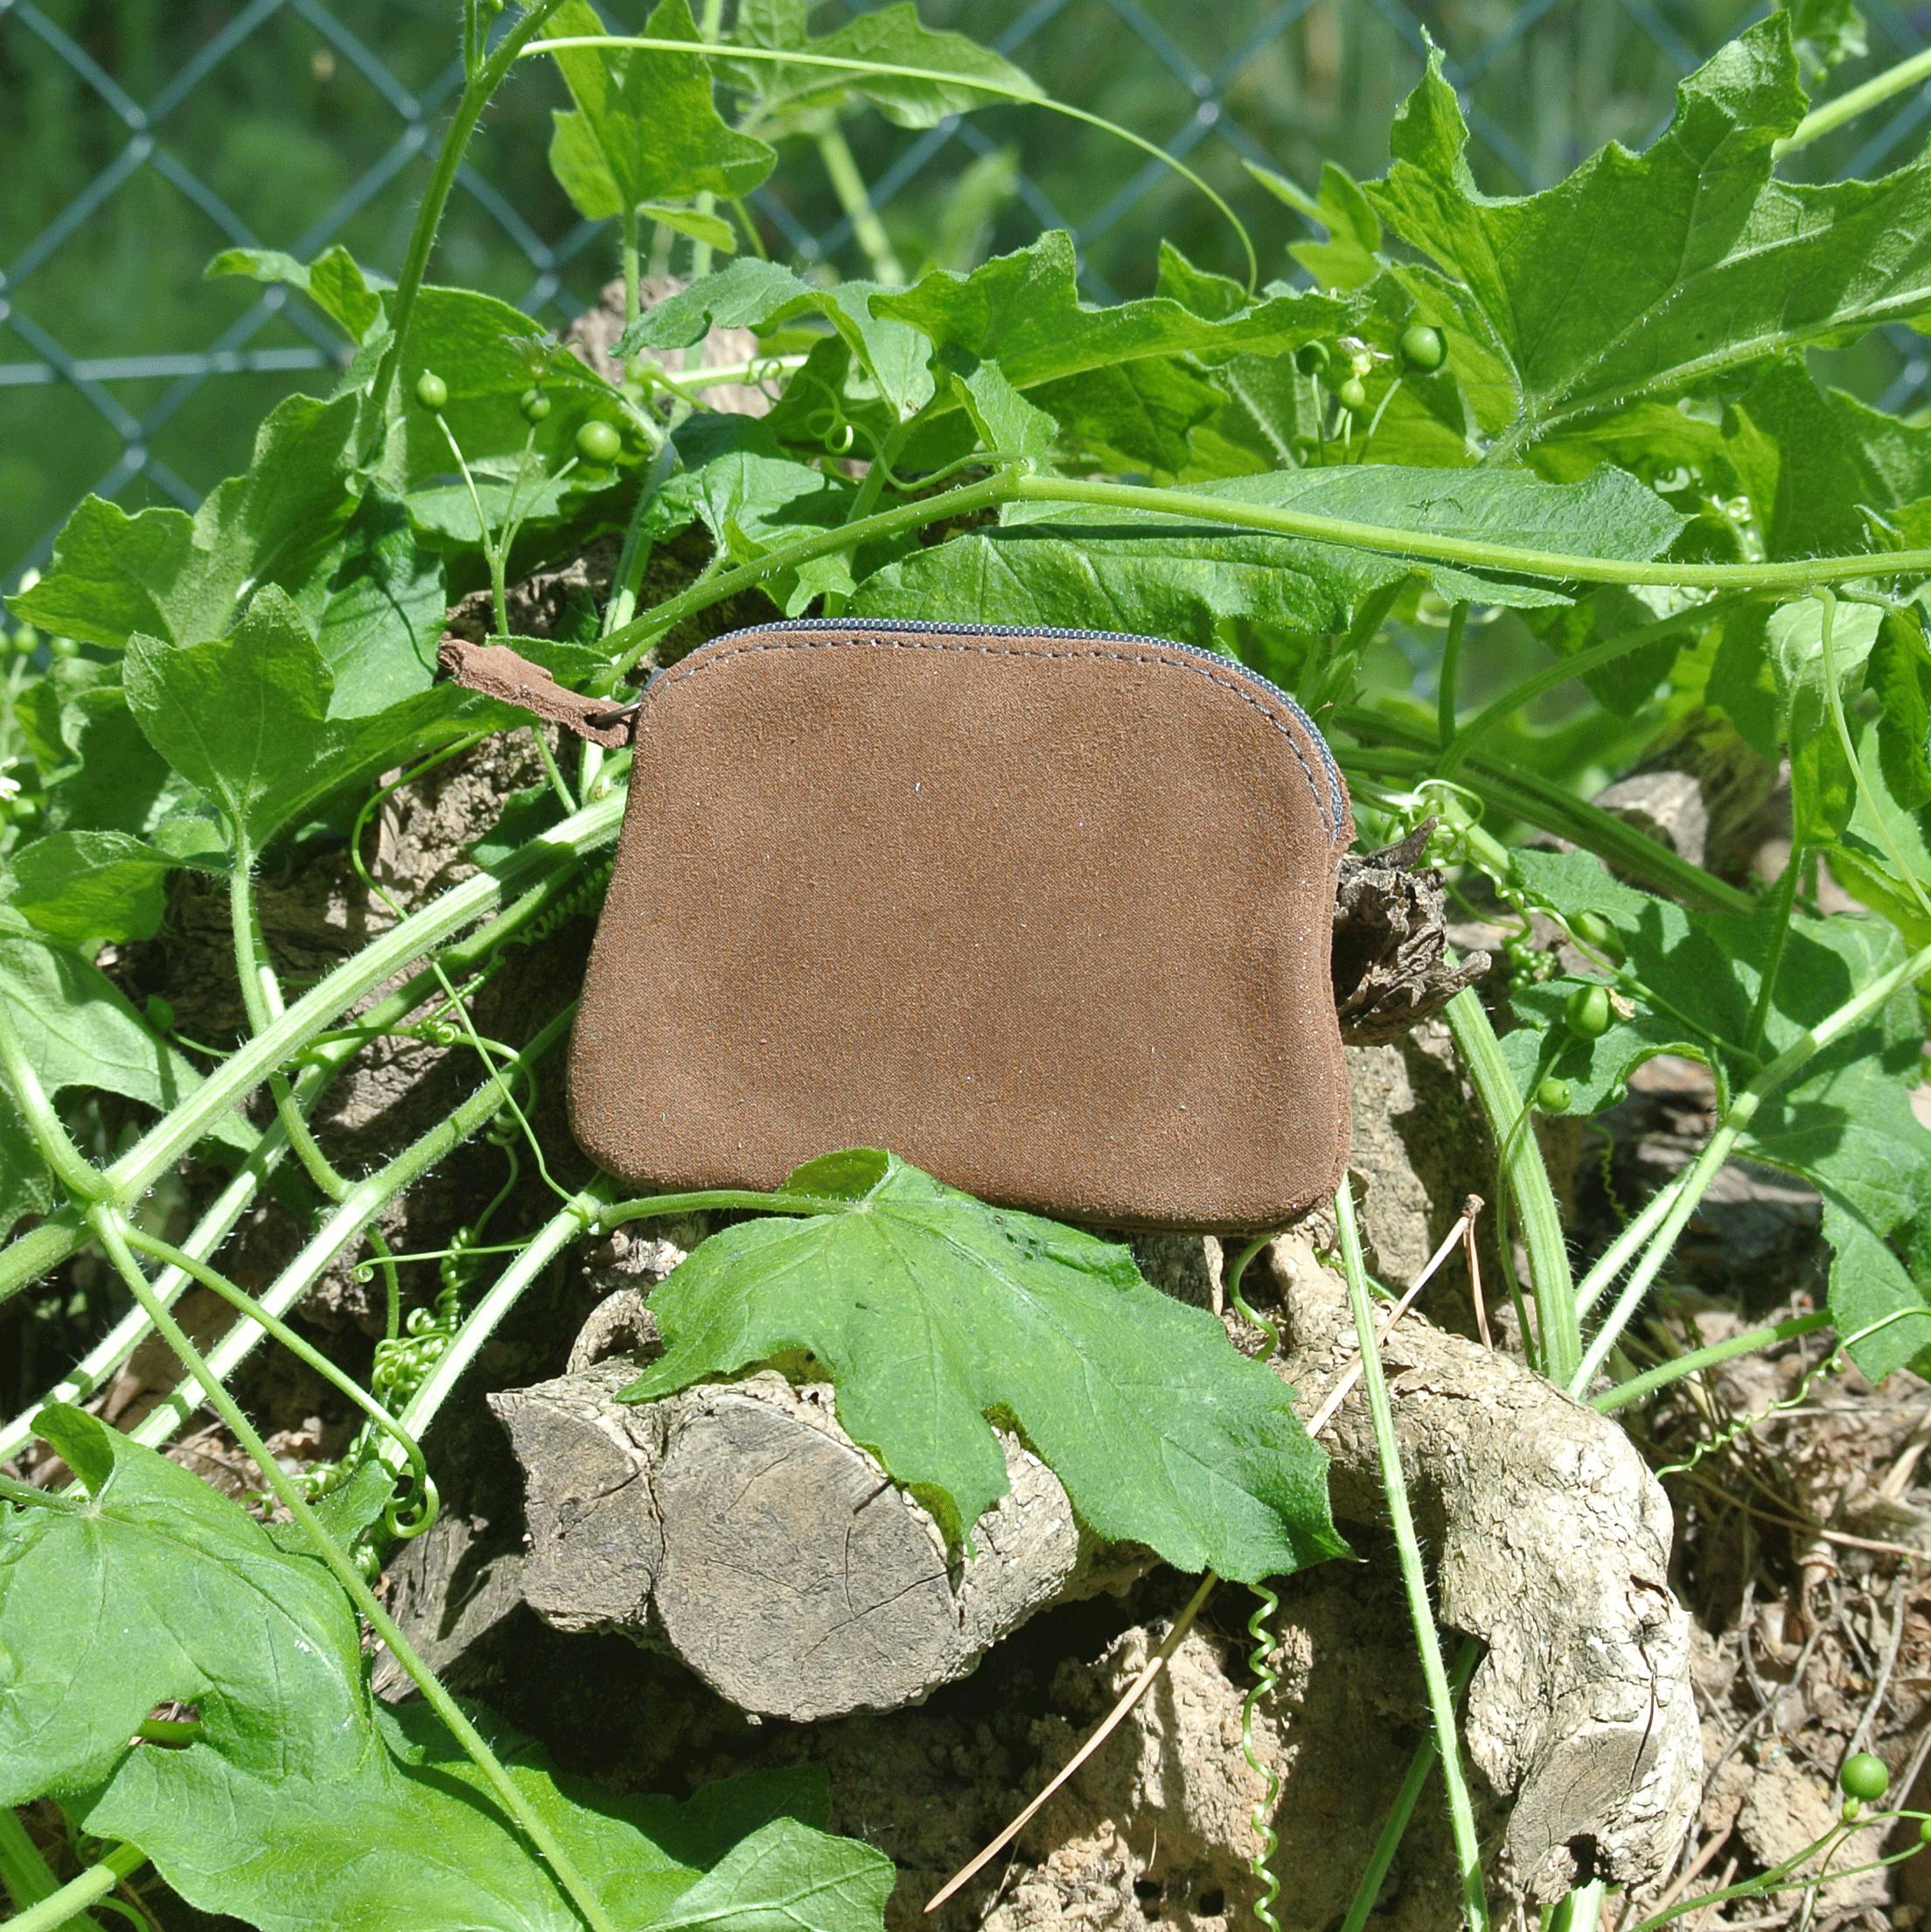 cuirs-fantaisies-la-cartabliere-fabrique-en-france-porte-monnaie-kiwi-en-cuir-paillete-marron-cuivre